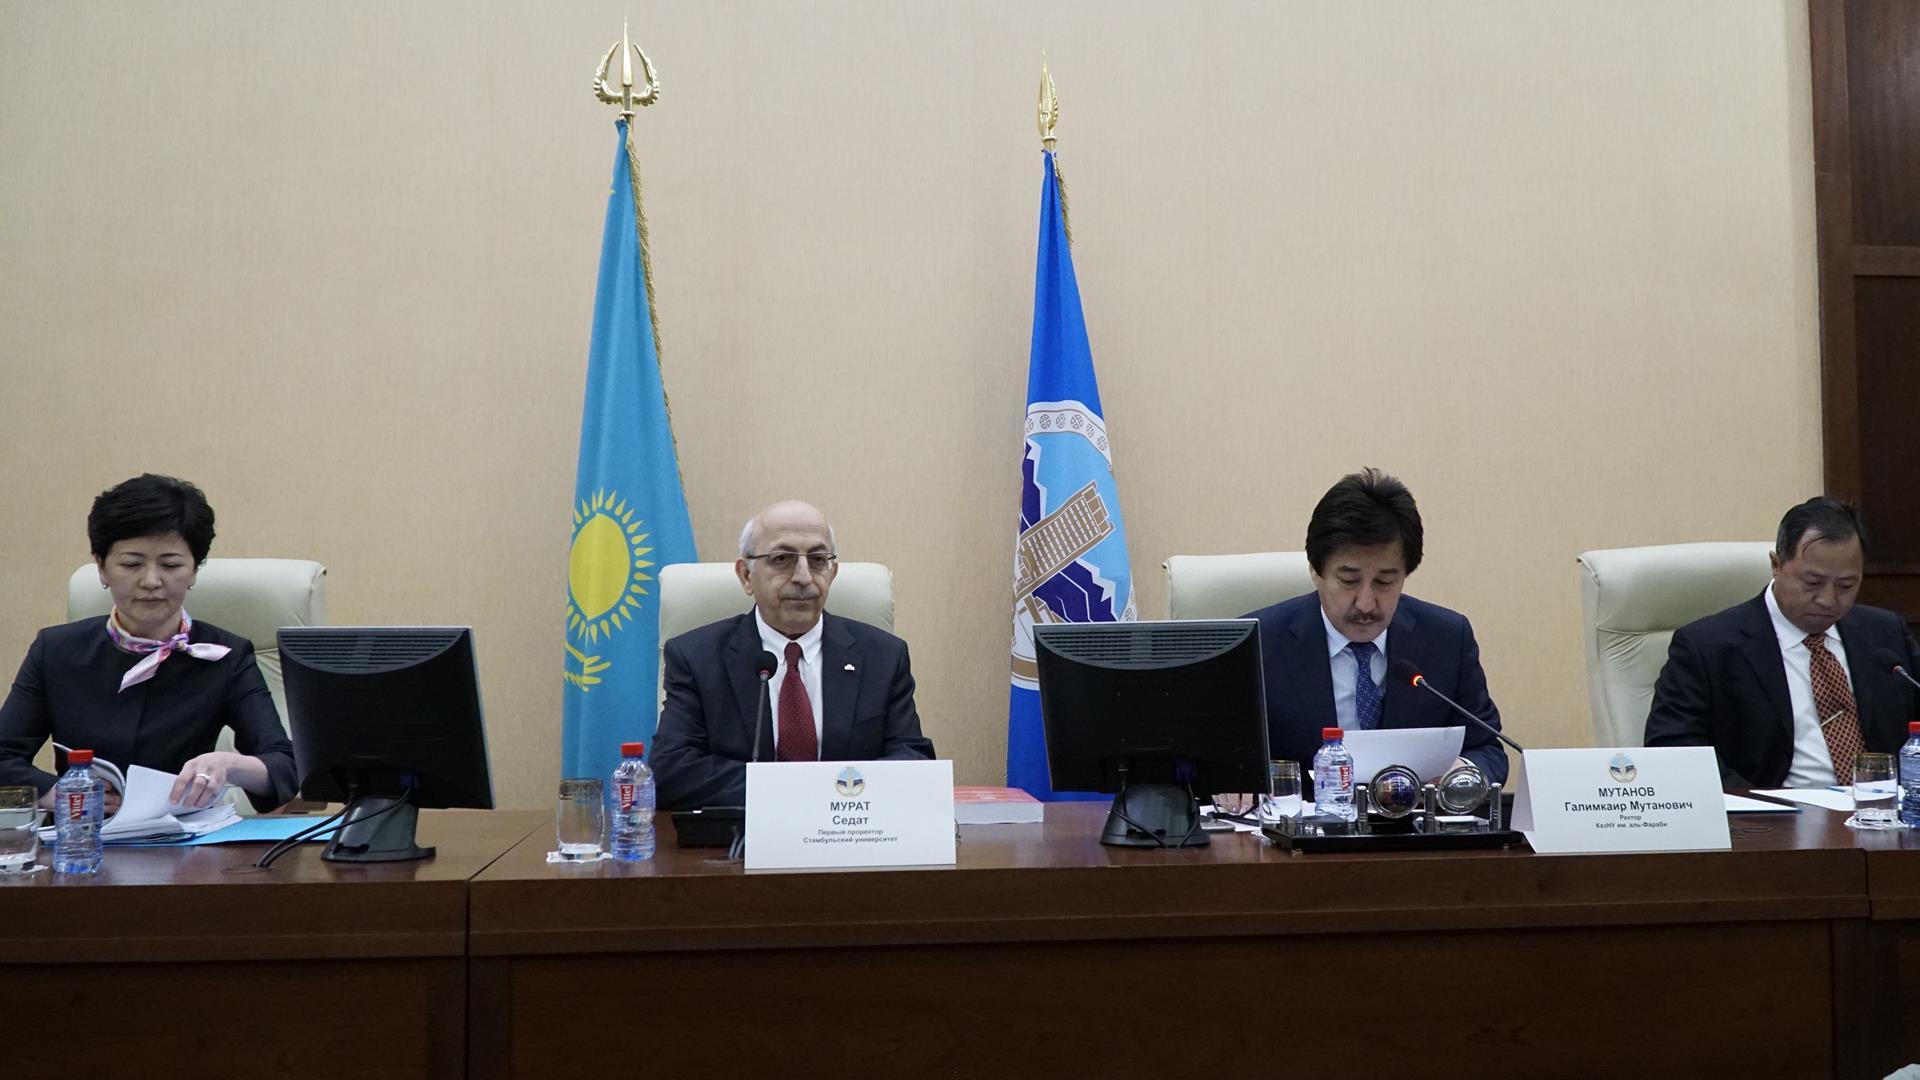 İstanbul-Üniversitesi-ve-Al-Farabi-Kazakistan Al-Farabi-Kazakistan-Devlet-Üniversitesi Al-Farabi-Kazakistan Al-Farabi-Kazakistan-Devlet-Üniversitesi-Arasında-Eğitim-Alanında-İş-Birliği